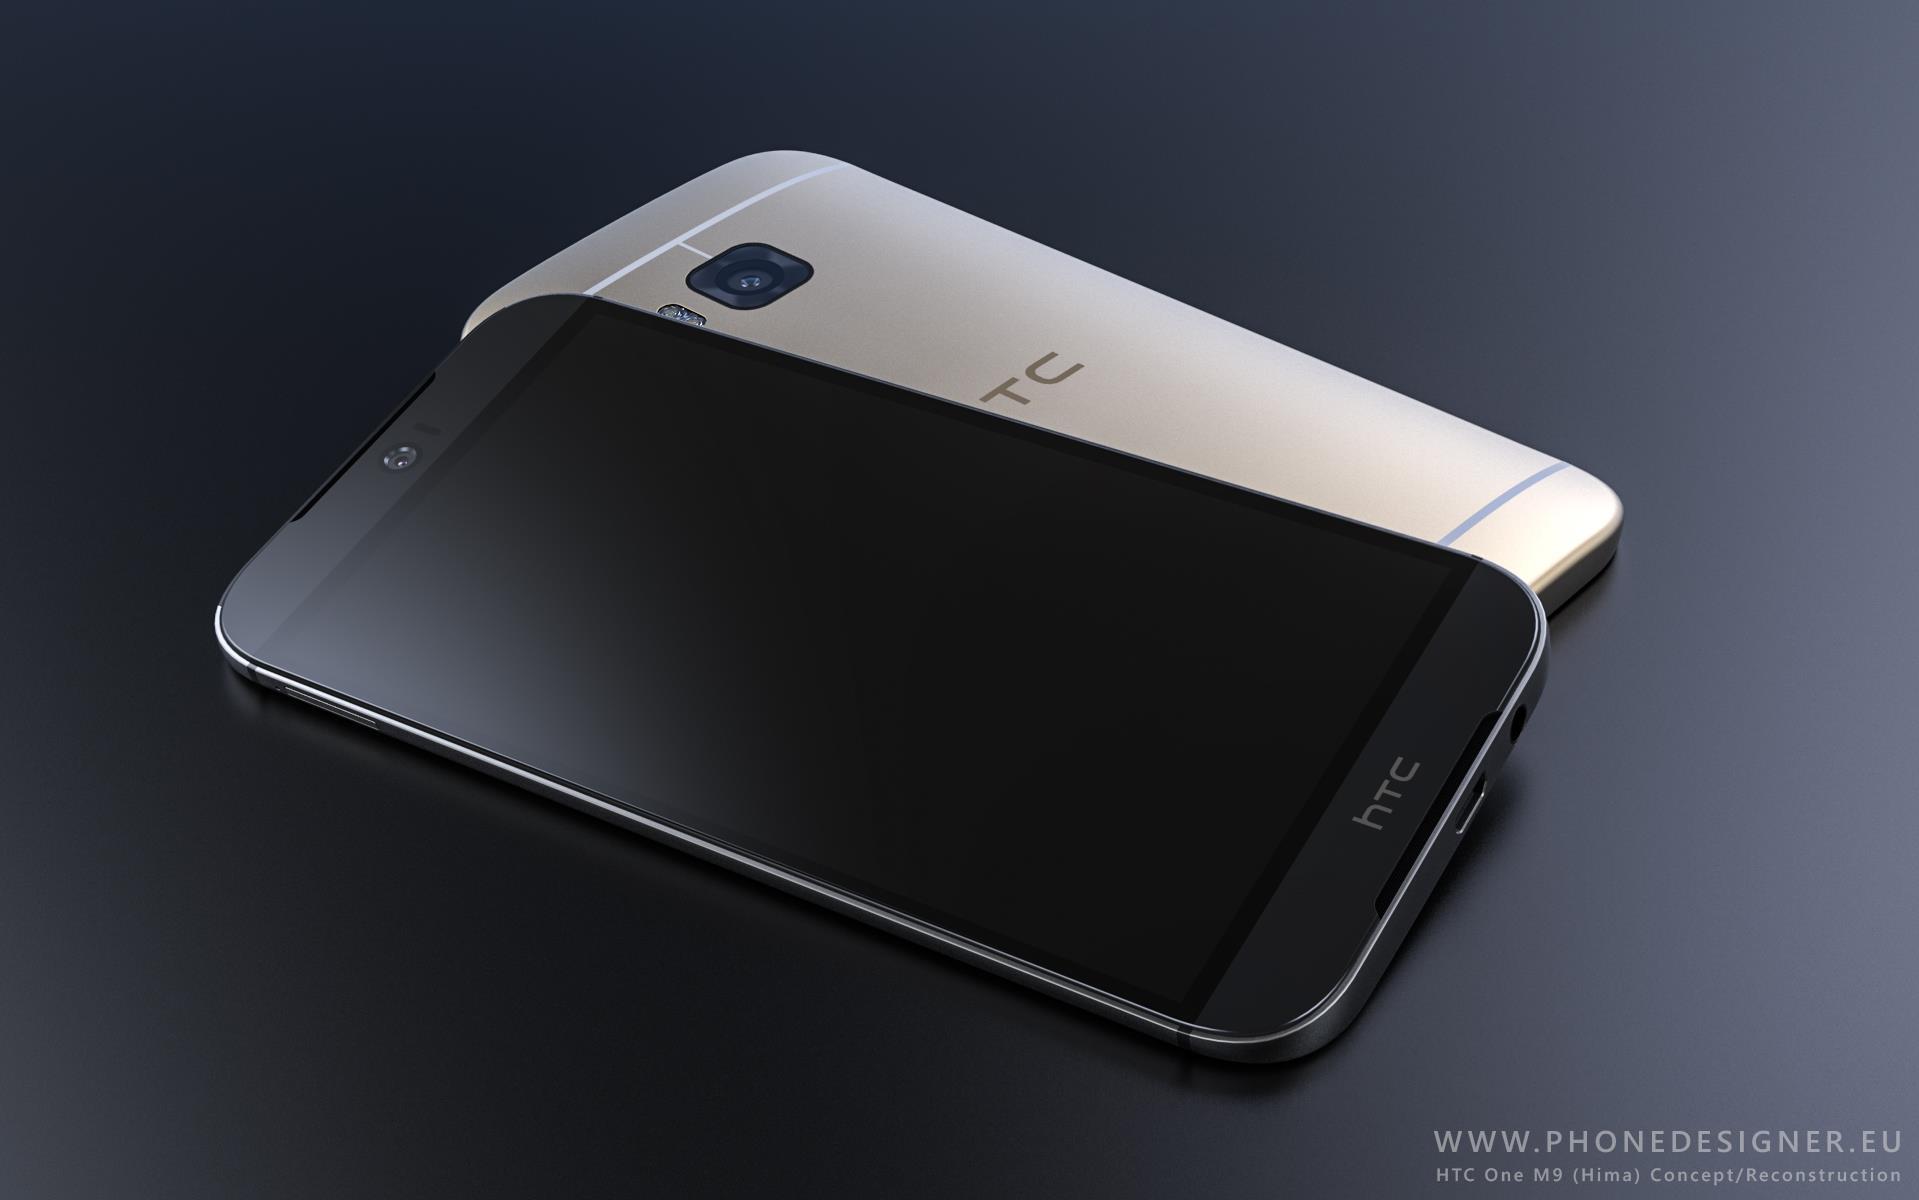 HTC-One-M9-renders(5)